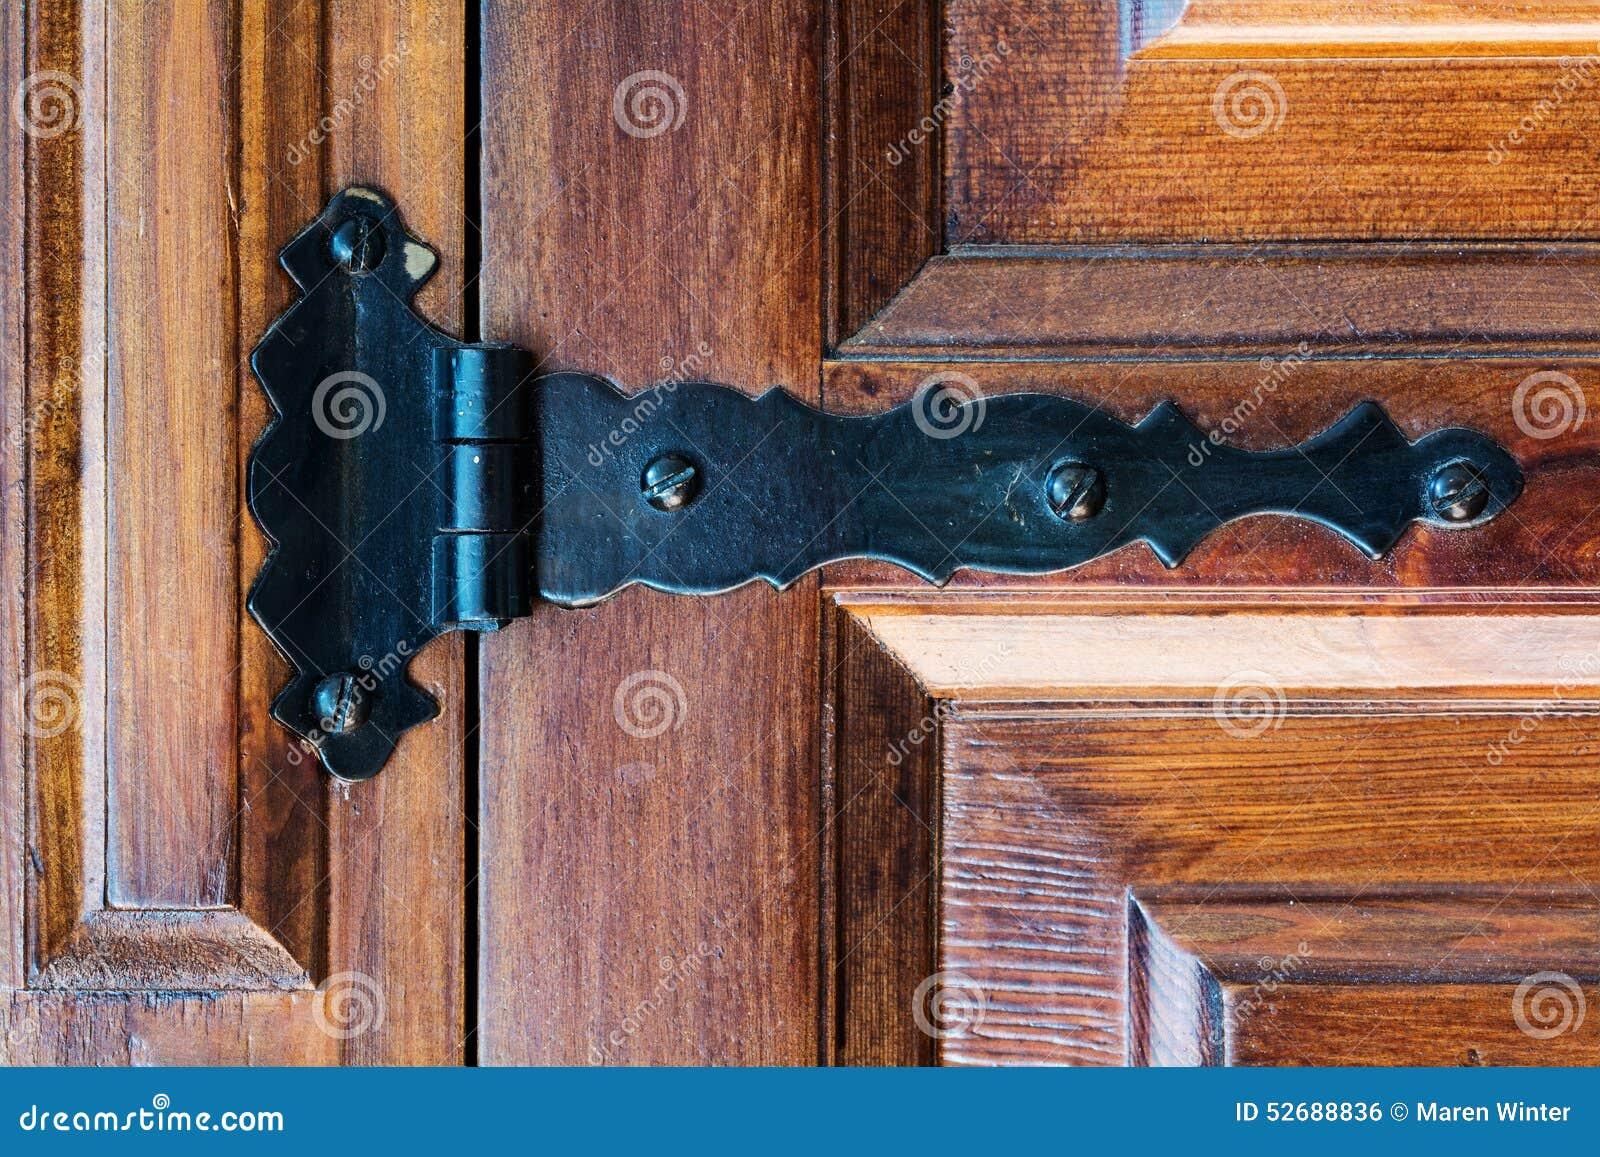 charni re sur une vieille porte en bois photo stock image 52688836. Black Bedroom Furniture Sets. Home Design Ideas